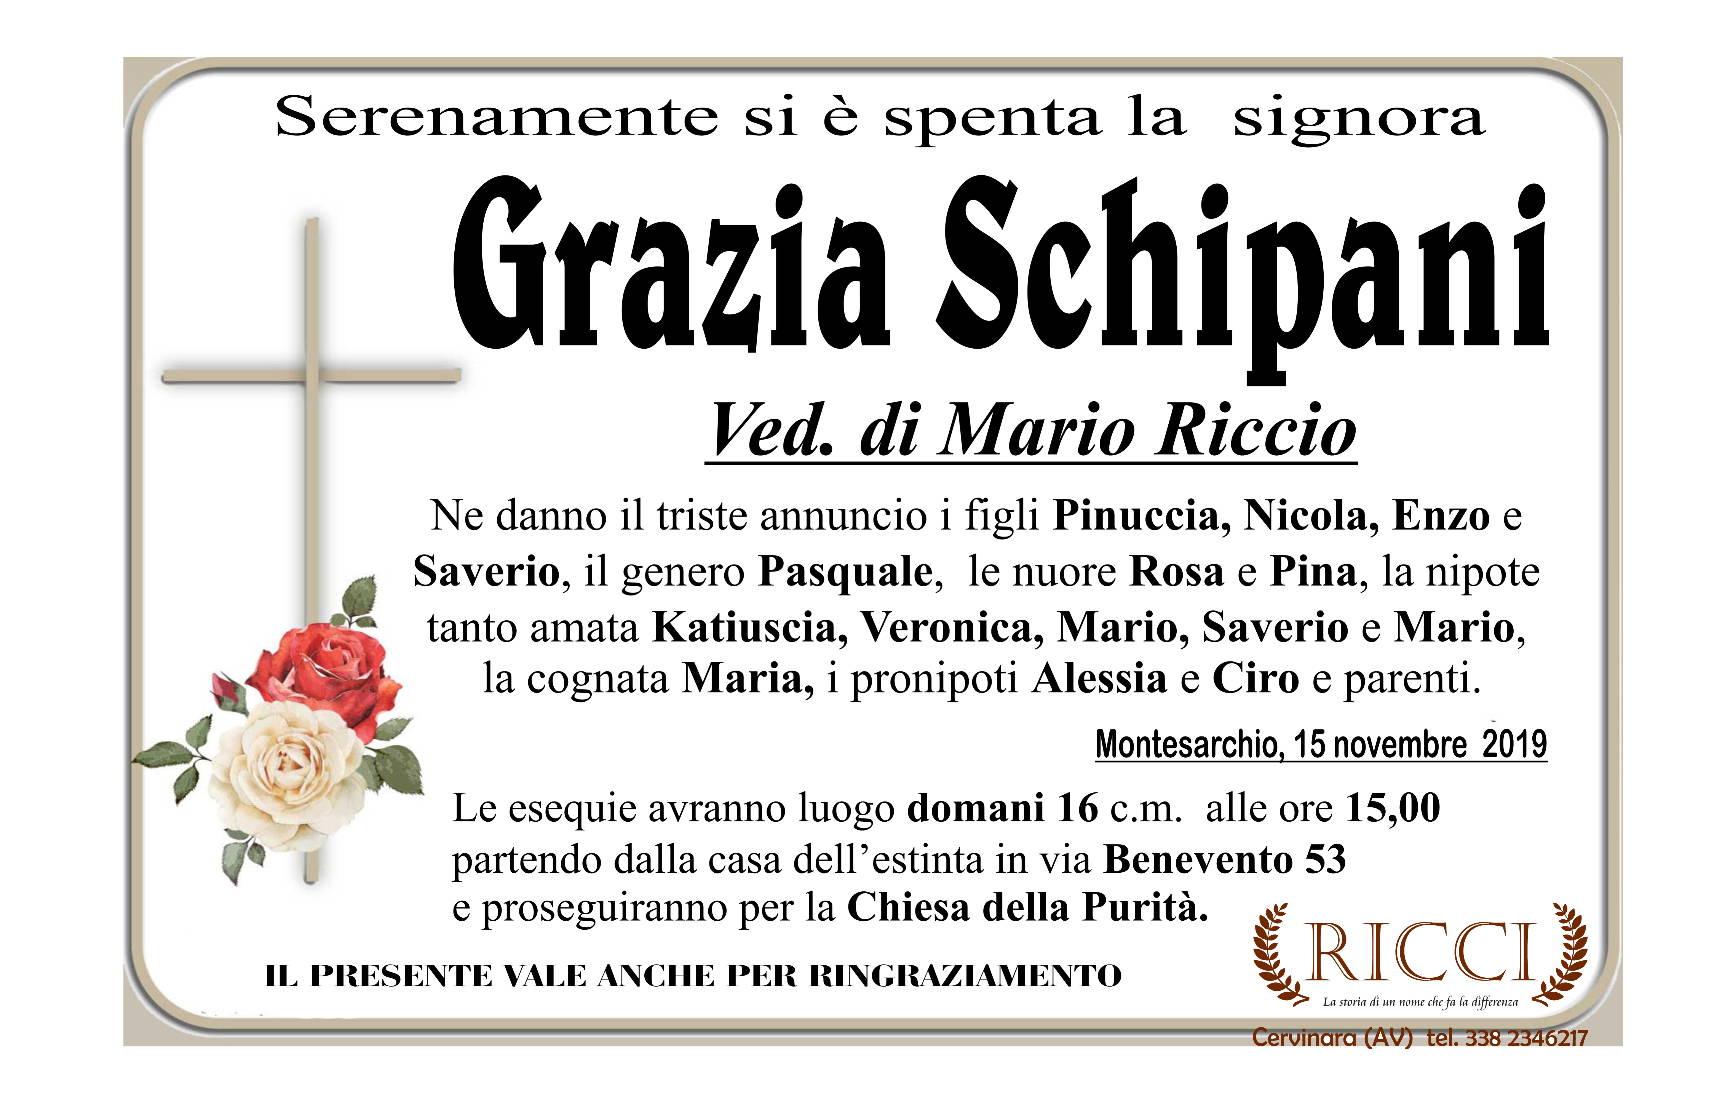 Grazia Schipani